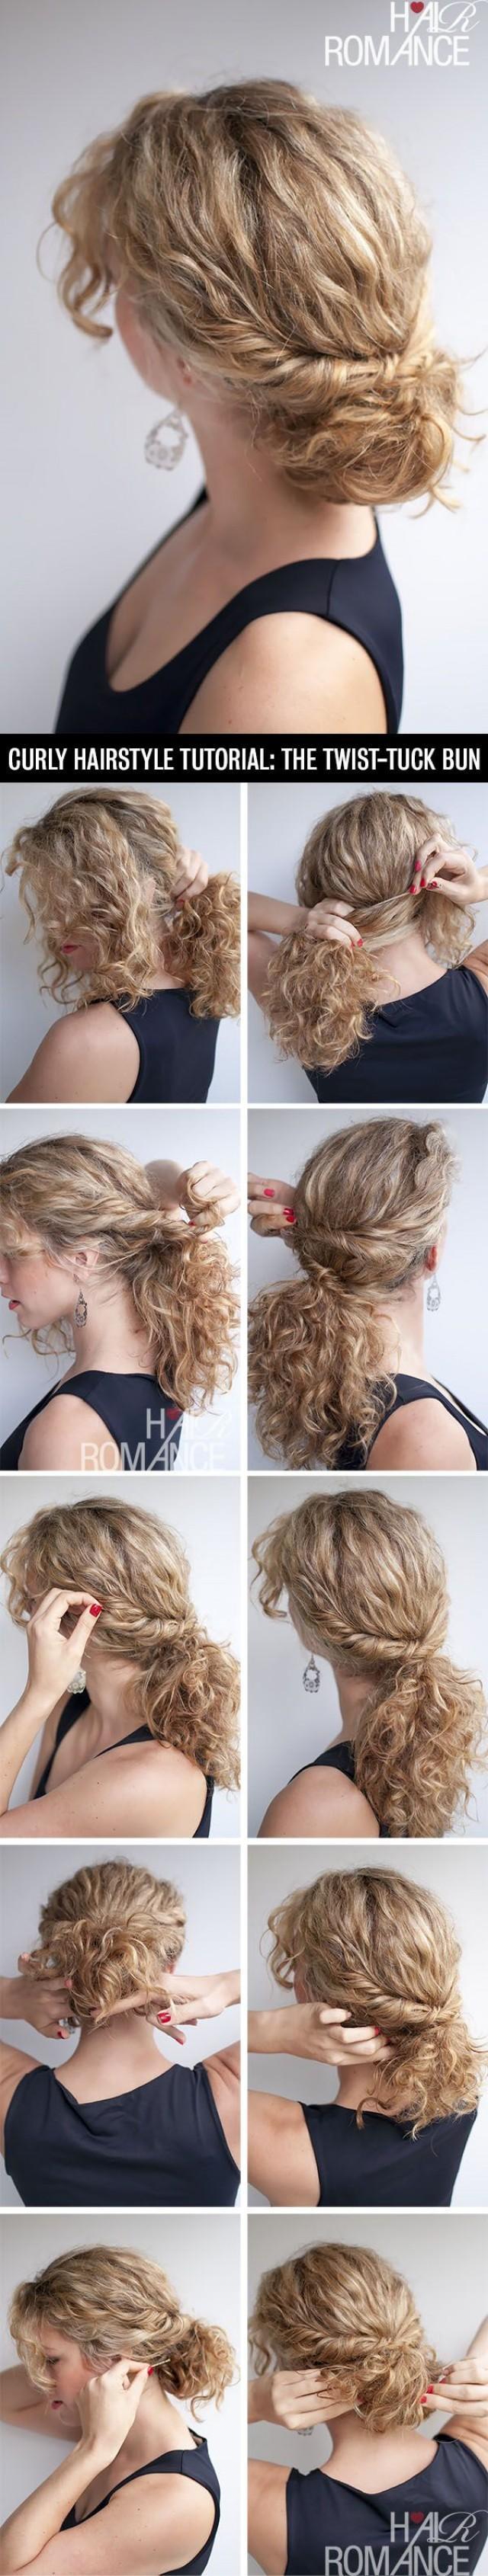 Headband tuck tutorial